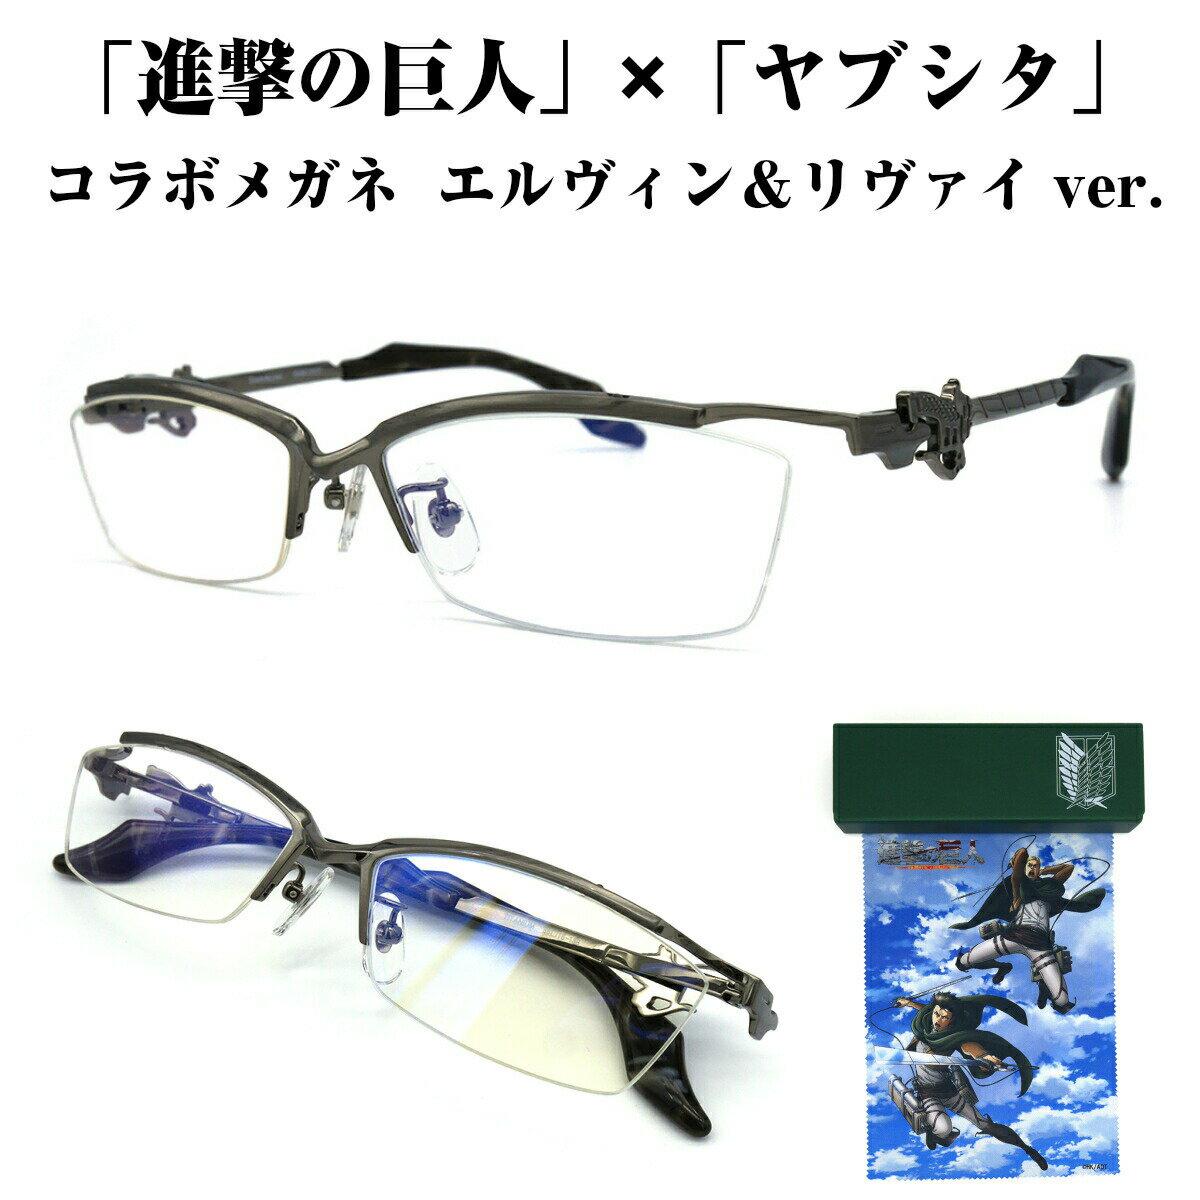 眼鏡・サングラス, 眼鏡  attack on titan PC